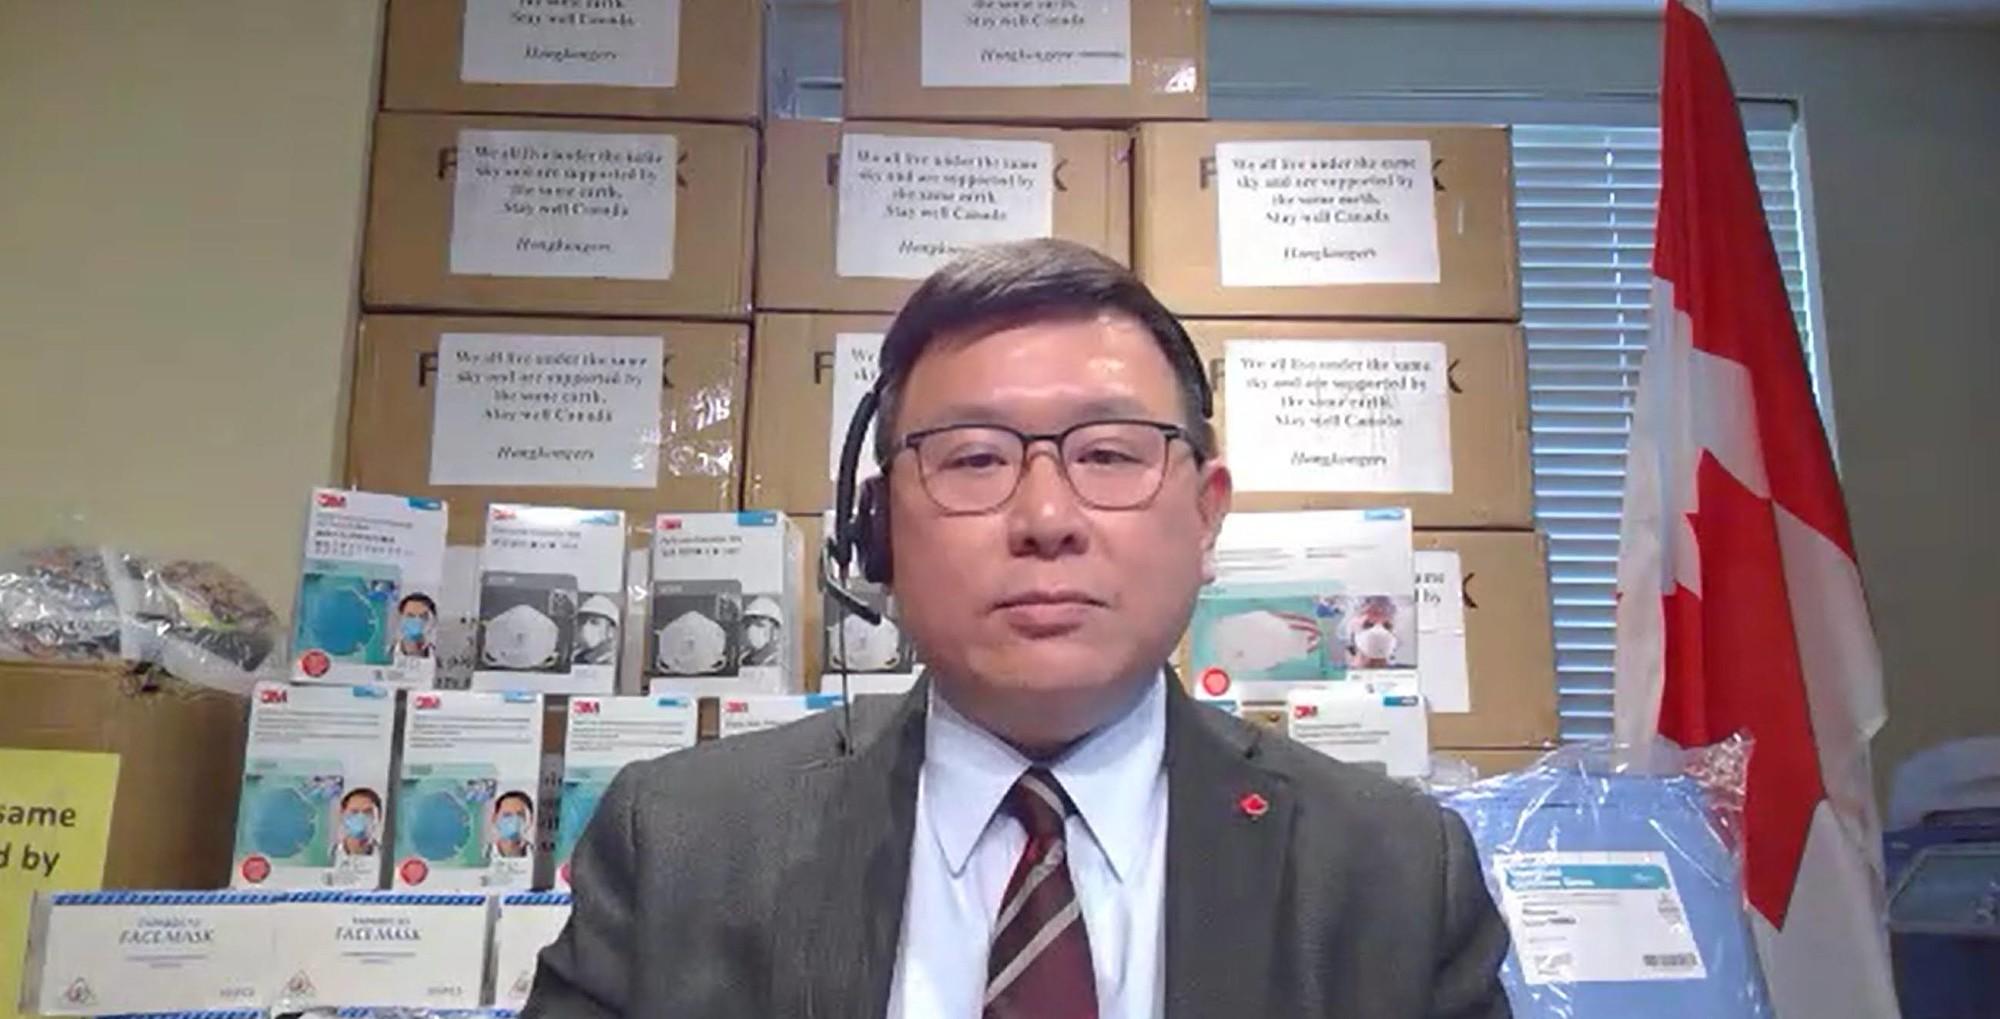 2020年5月20日,加拿大保守黨國會議員趙錦榮與安省和魁省國會議員舉行影片新聞會,感謝香港人捐贈給加拿大人個人防護設備。(趙錦榮提供)